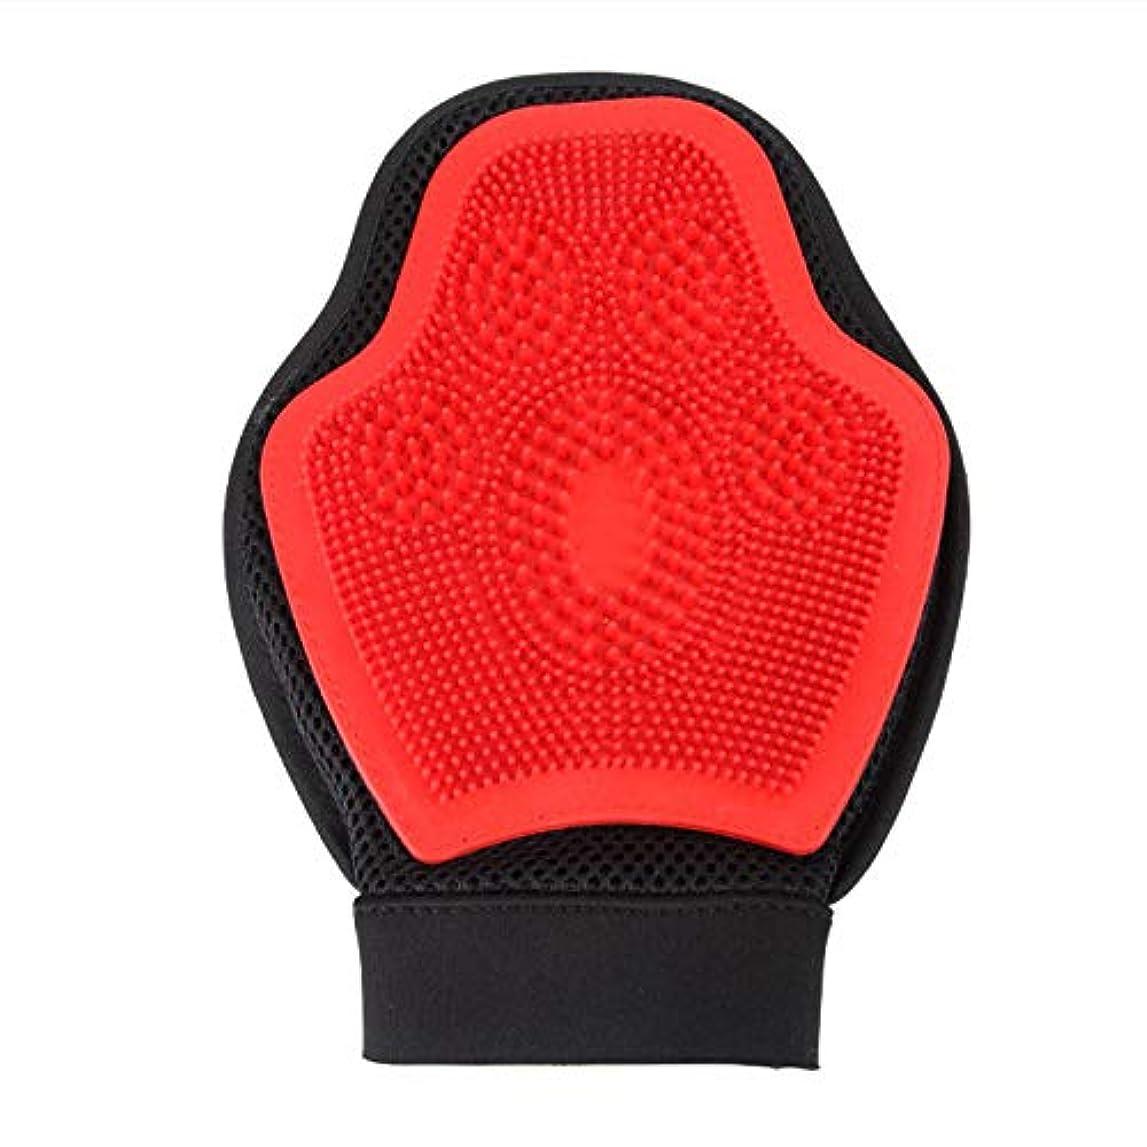 精神的に列車適合BTXXYJP 手袋 ペット ブラシ グローブ 猫 ブラシ クリーナー 抜け毛取り ブラッシング マッサージブラシ 犬 グローブ ペット毛取りブラシ お手入れ (Color : Red, Size : L)